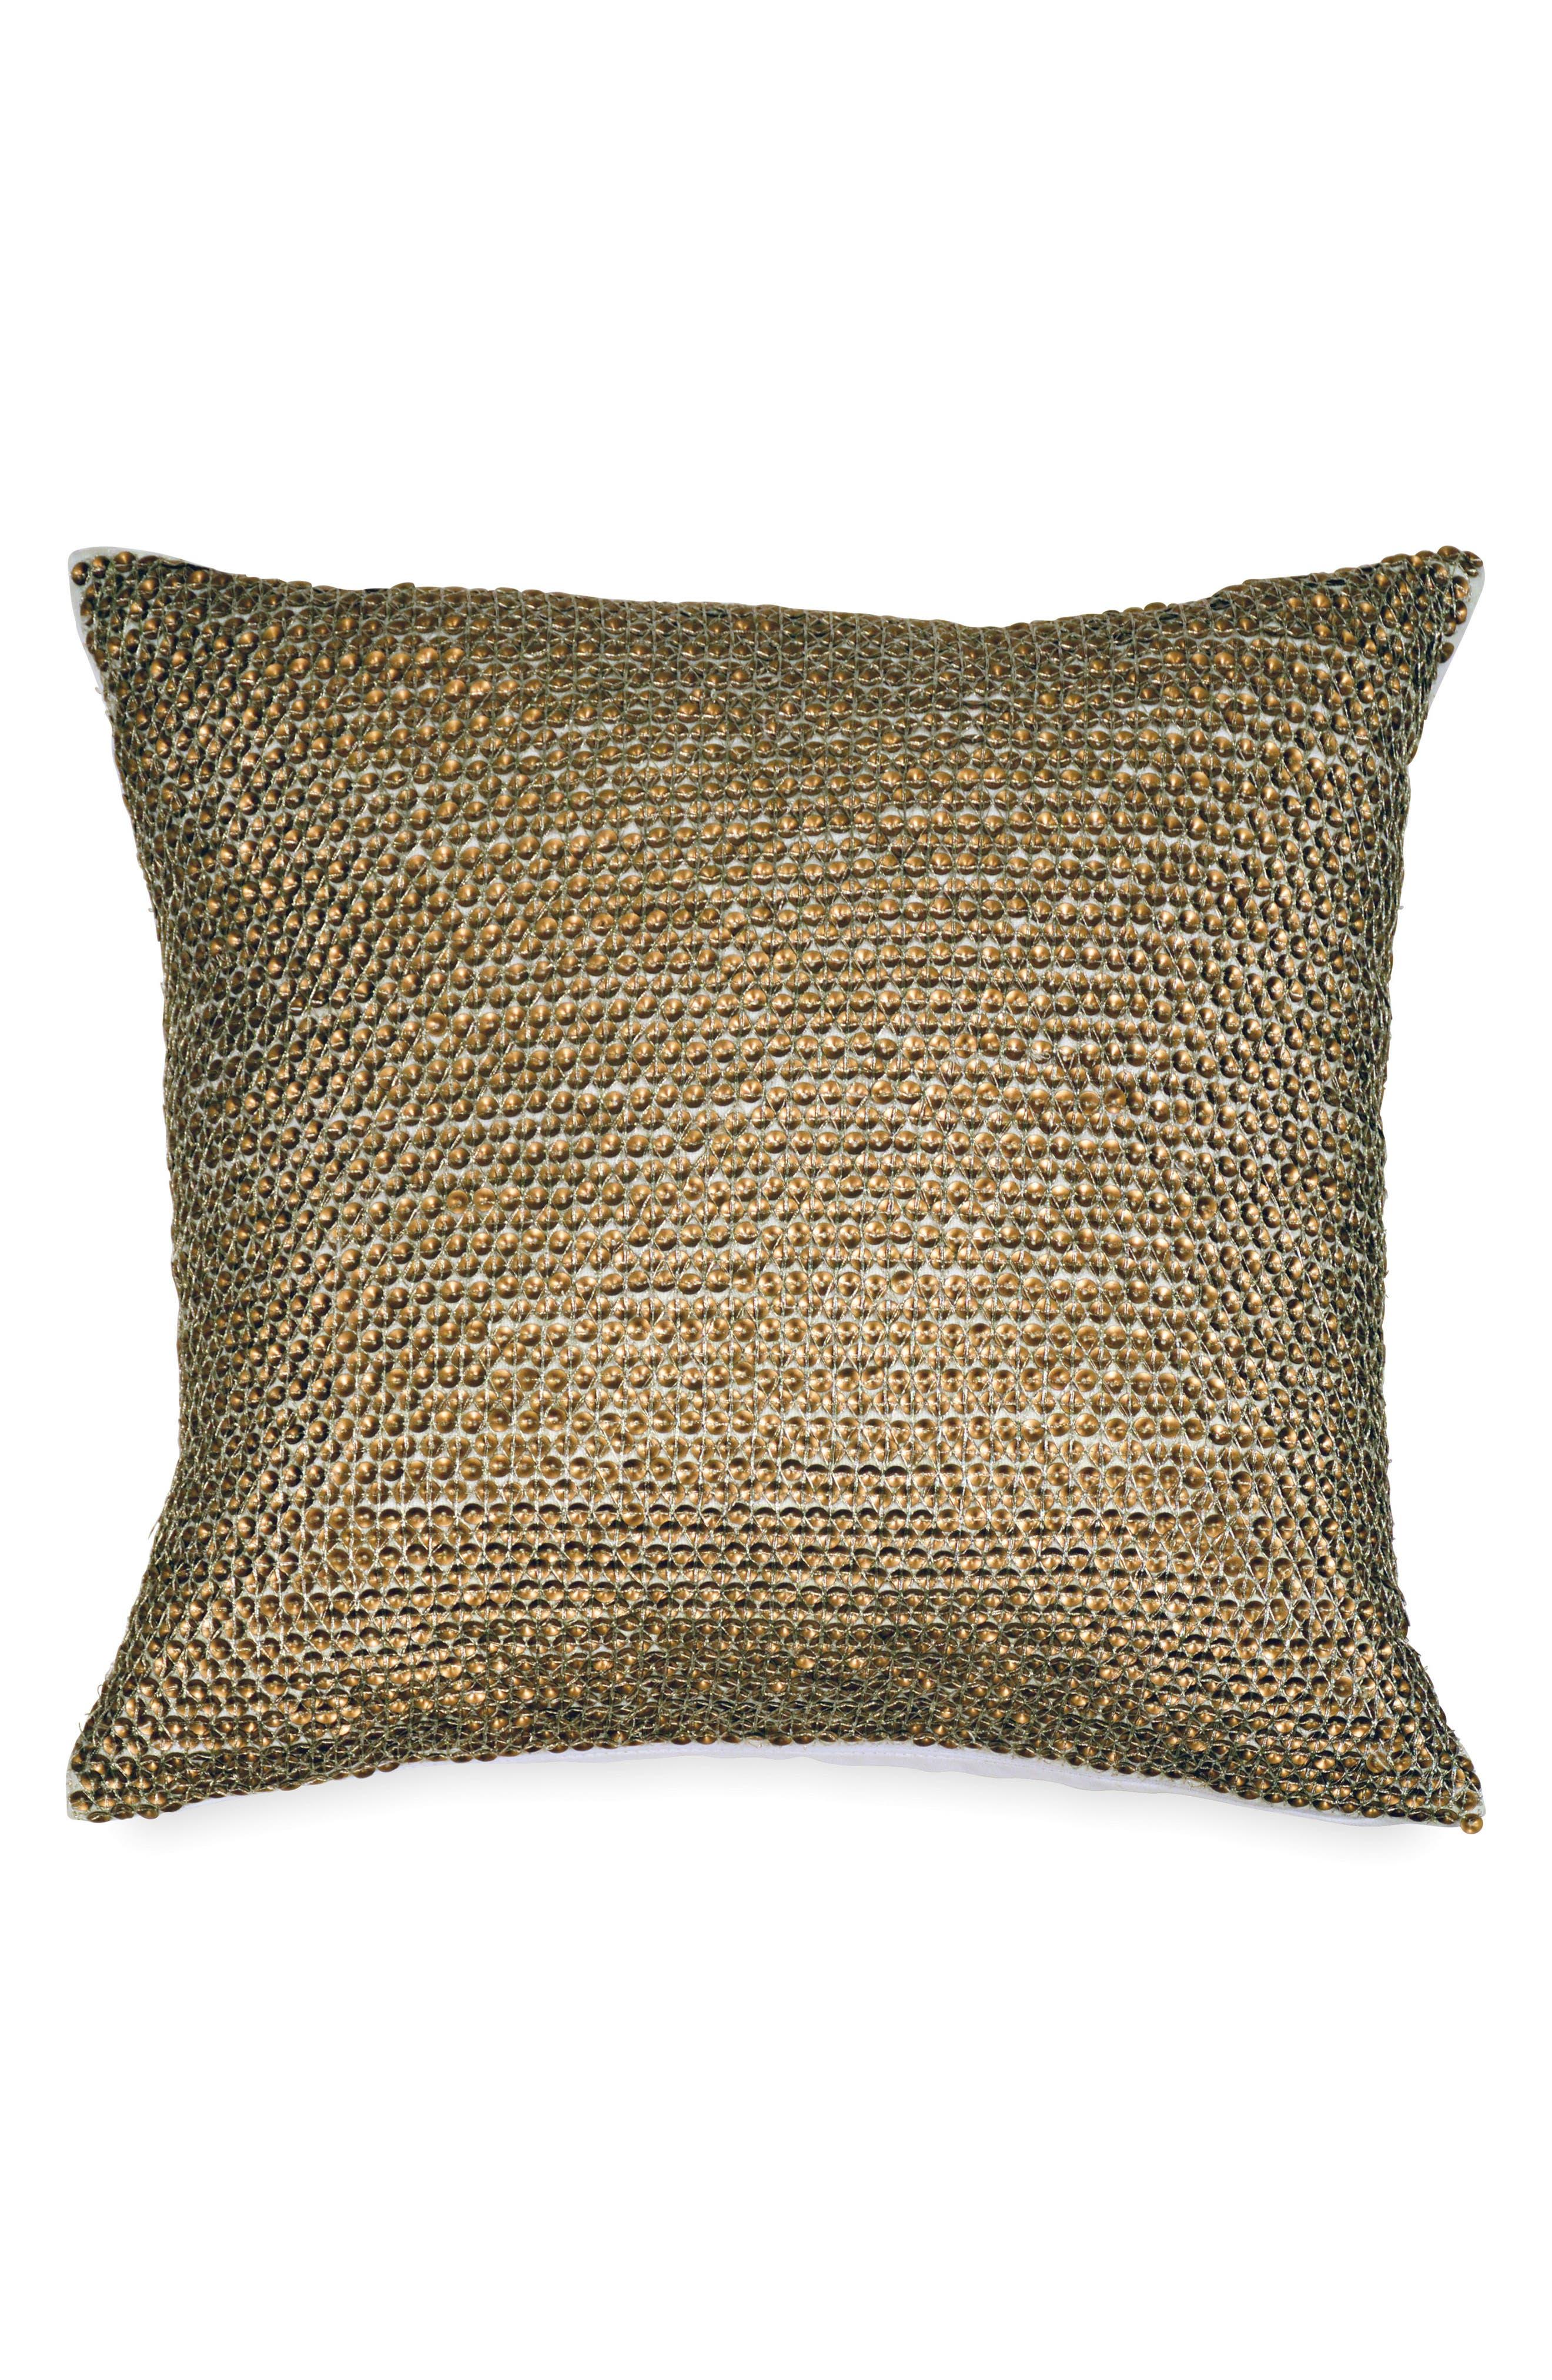 Donna Karan Vapor Sequin Accent Pillow,                             Main thumbnail 1, color,                             710